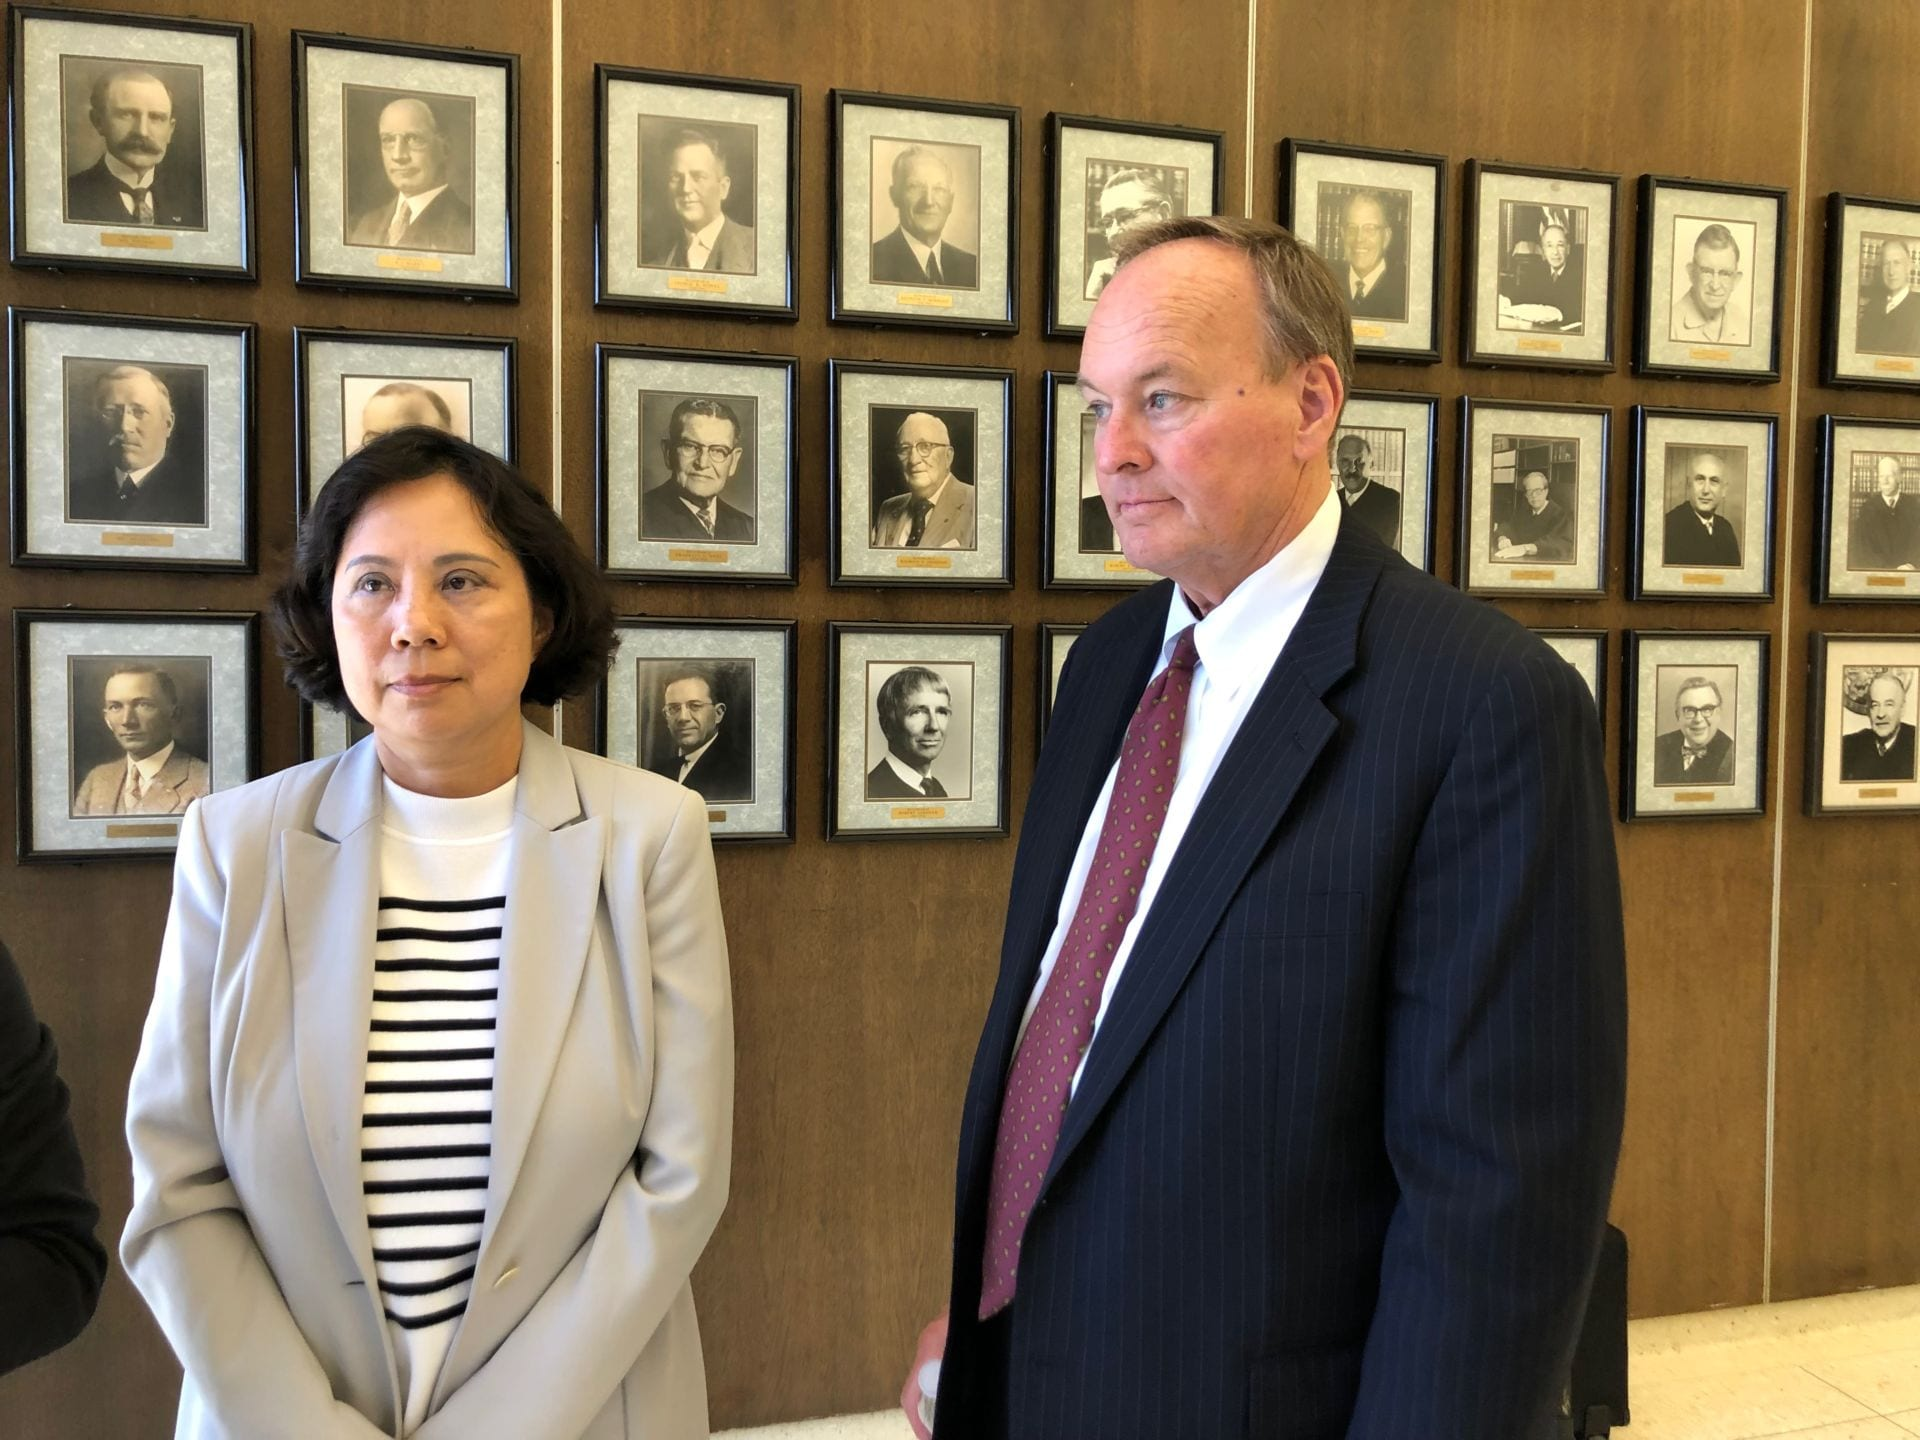 Tòa thượng thẩm California: bà Holly Ngô có tội vu khống có ác ý với BPSOS